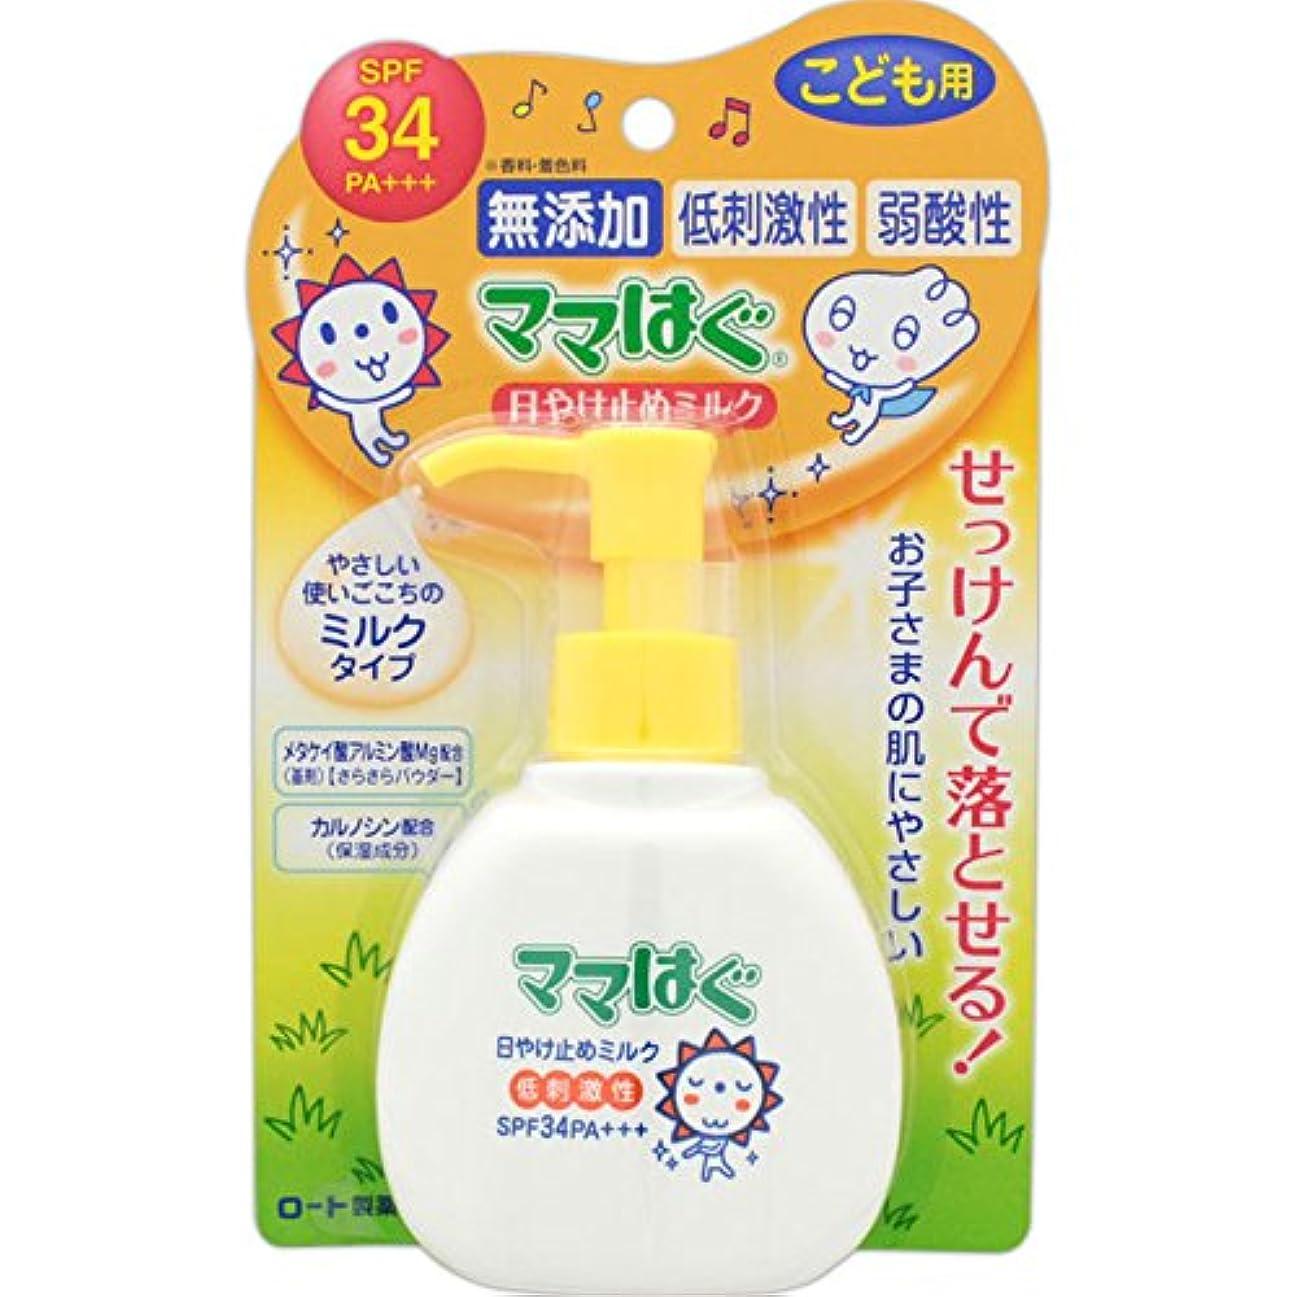 準備ができてれんがスローガンロート製薬 ママはぐ 無添加 低刺激性日やけ止めミルク SPF34 PA+++ 100g